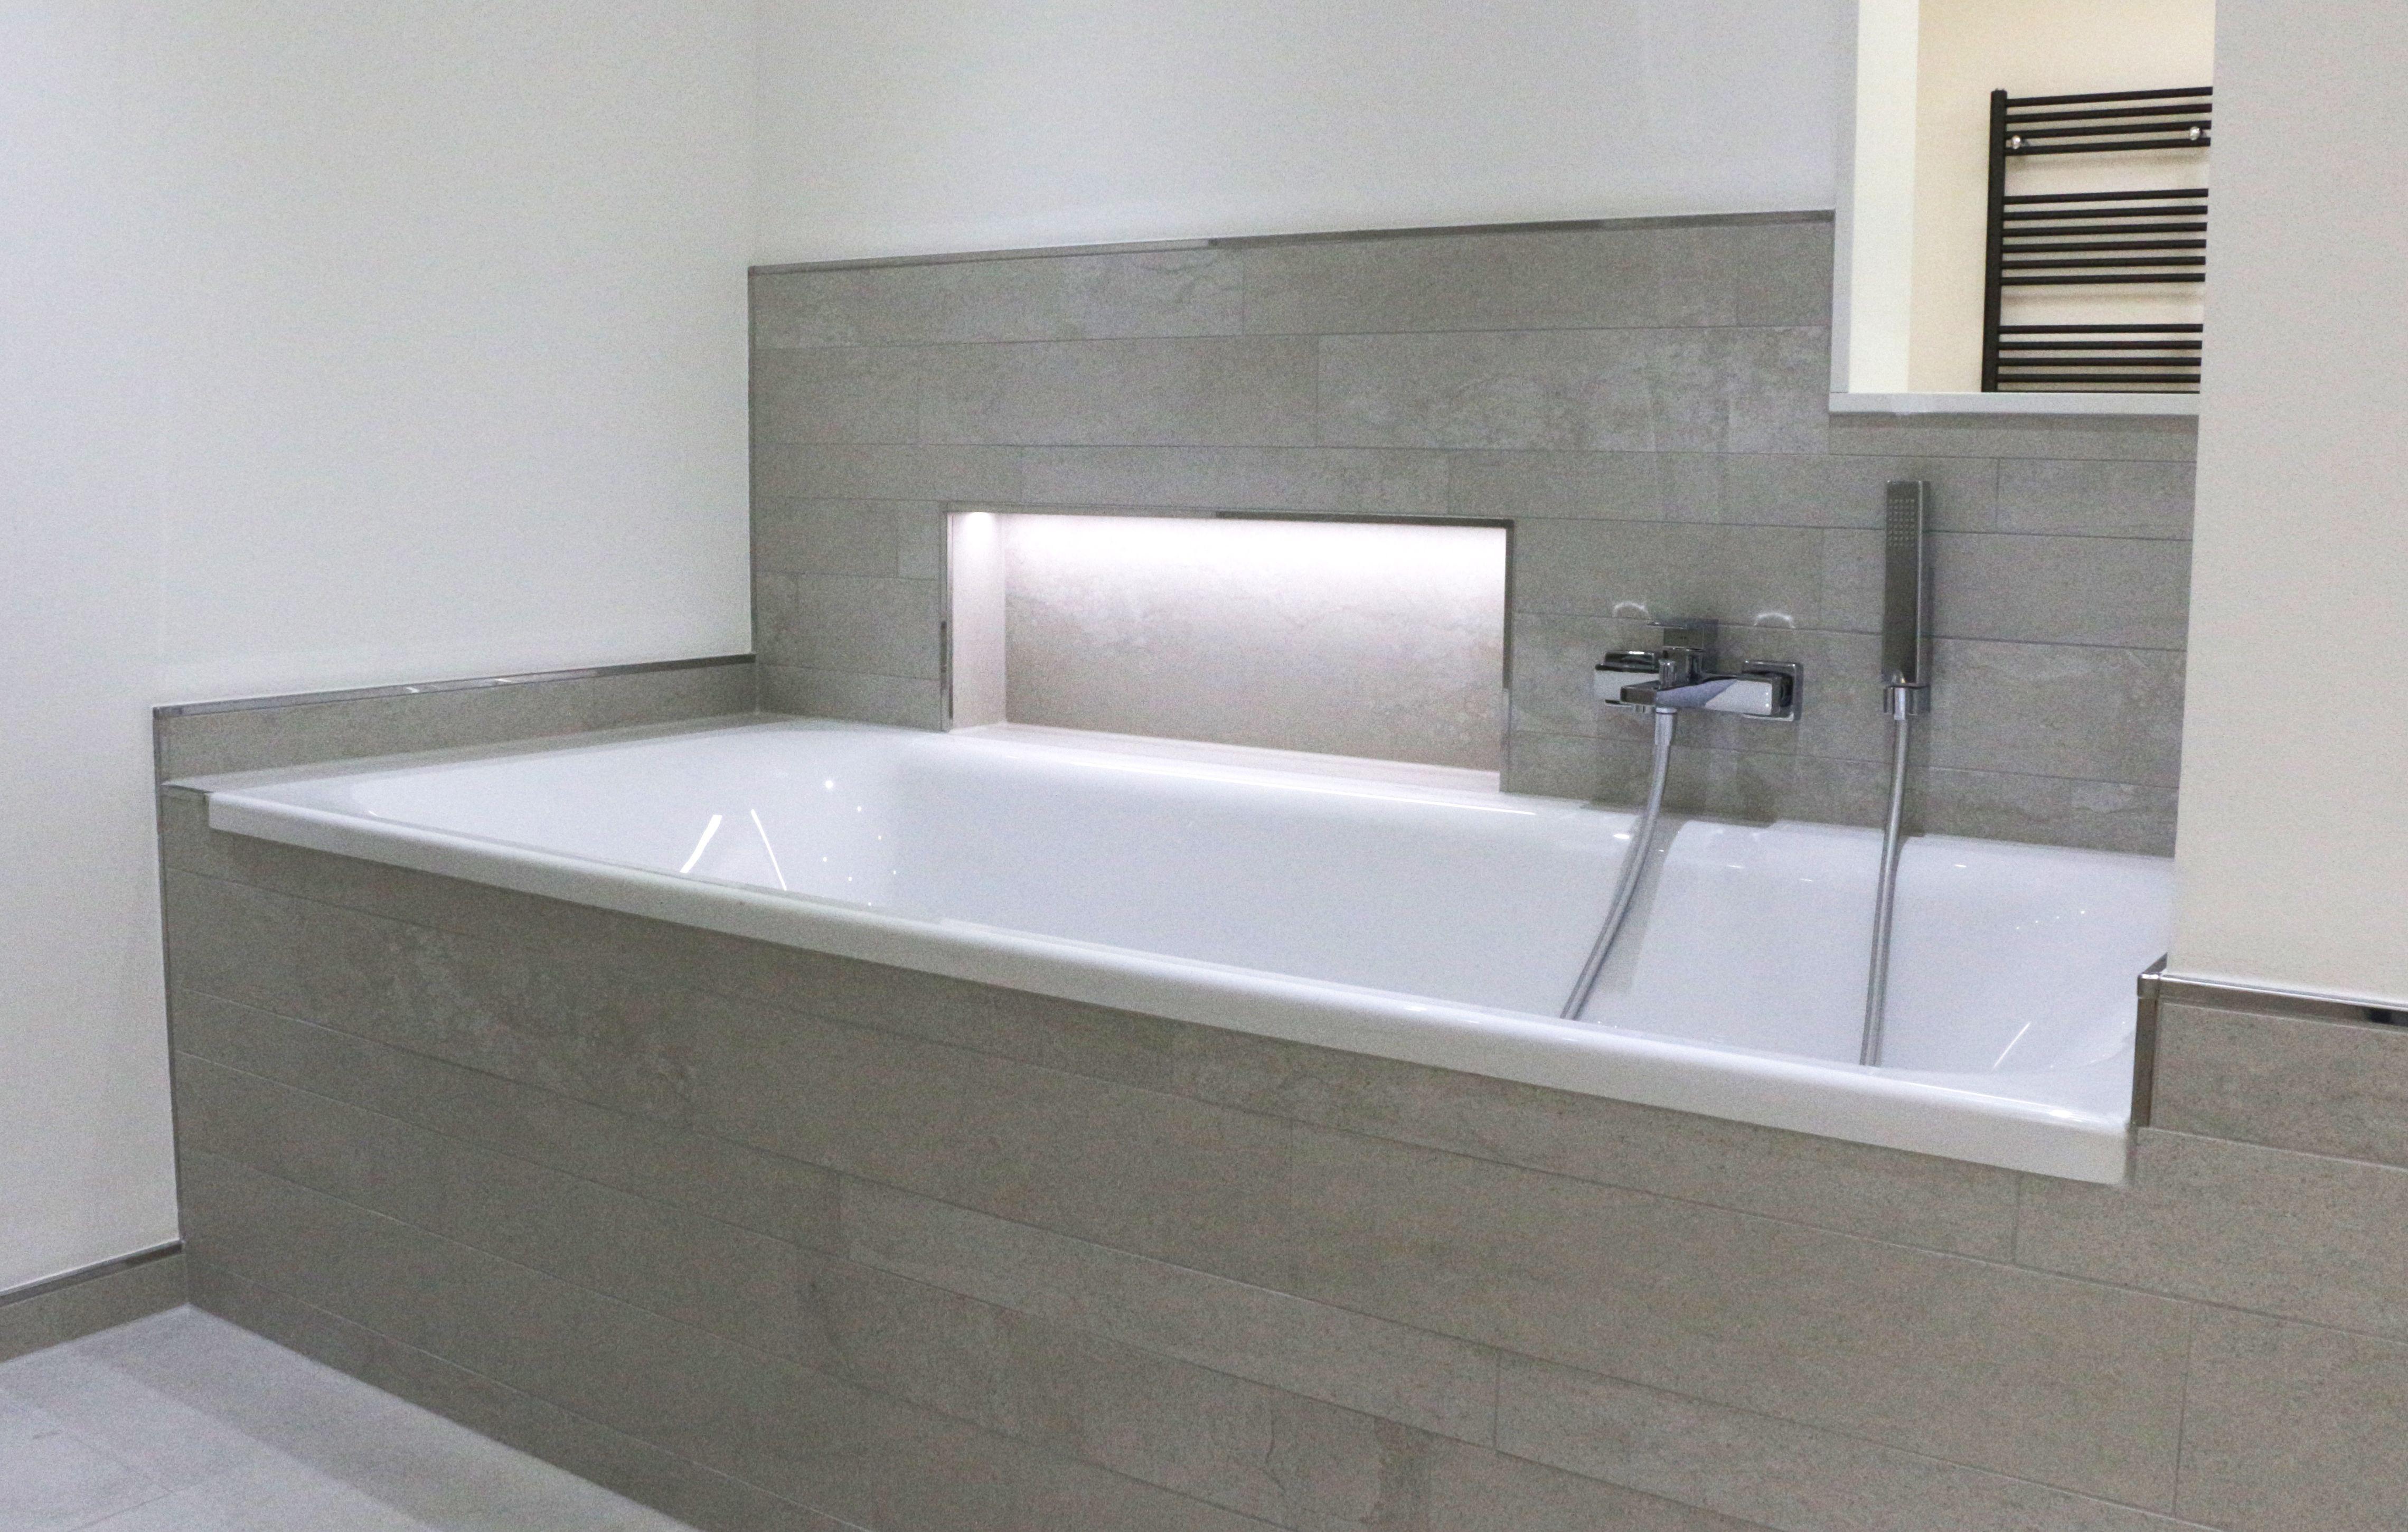 pin von nicole hoffmann auf bad pinterest badewanne dusche wandfliesen und bodenfliesen. Black Bedroom Furniture Sets. Home Design Ideas